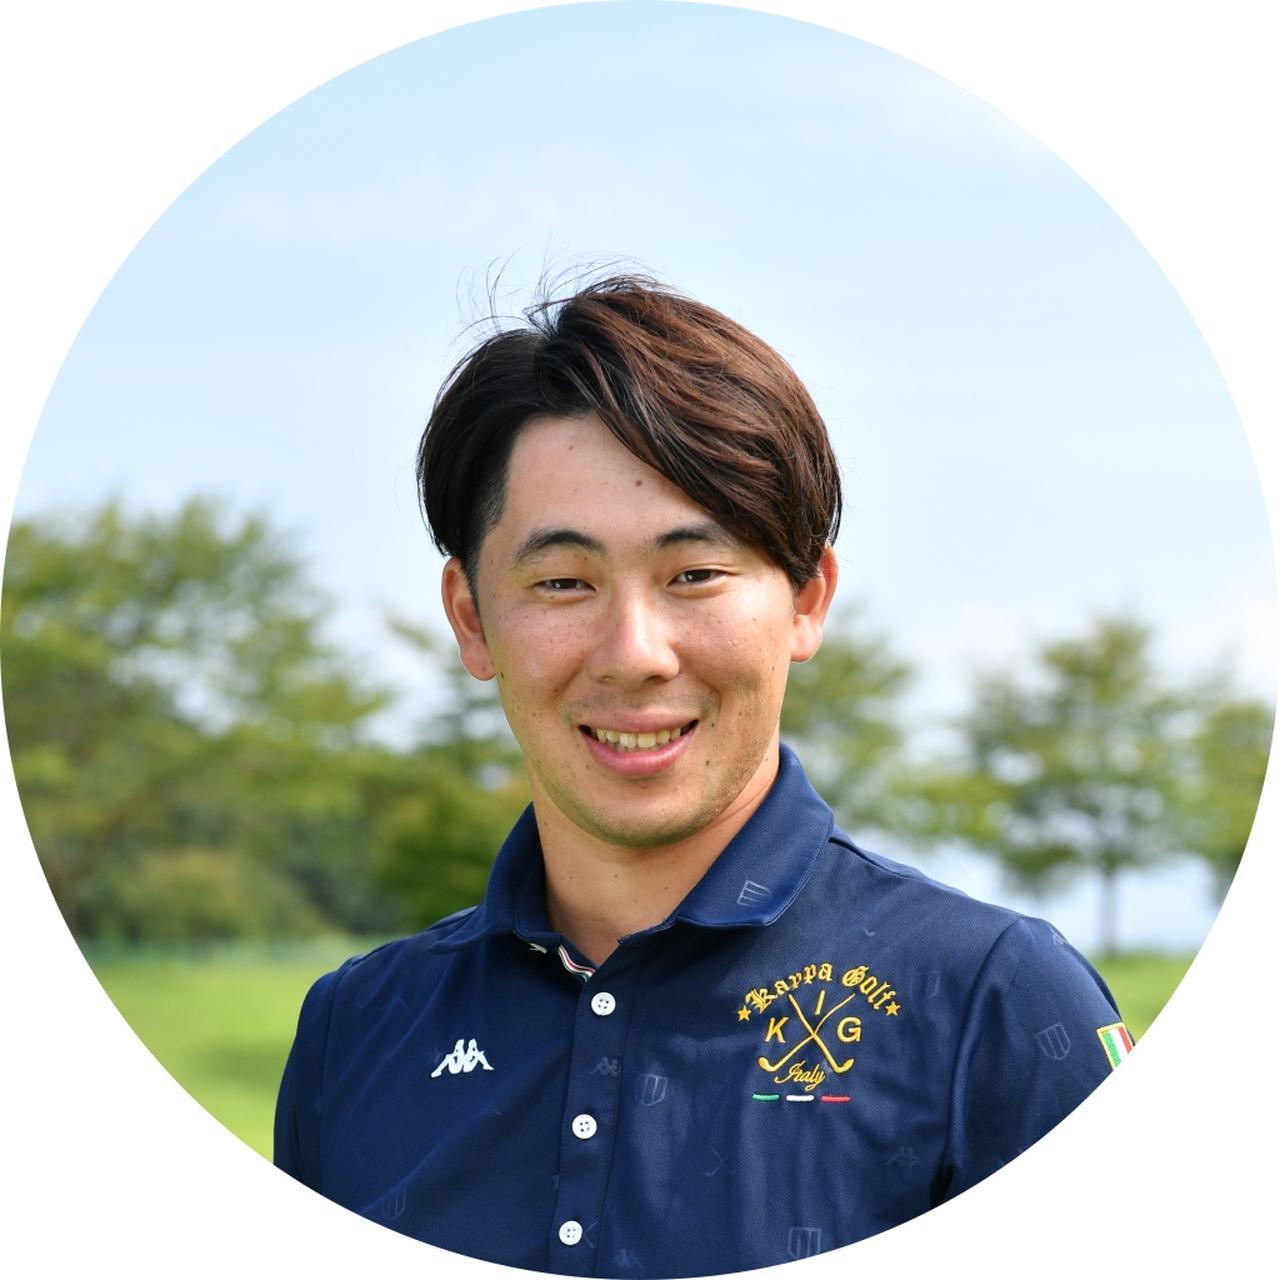 画像: 【解説】坂井南雄人プロ 目黒区のゴルフスタジオ「ジーハード」でレッスンを行う。日頃から距離計測を愛用中